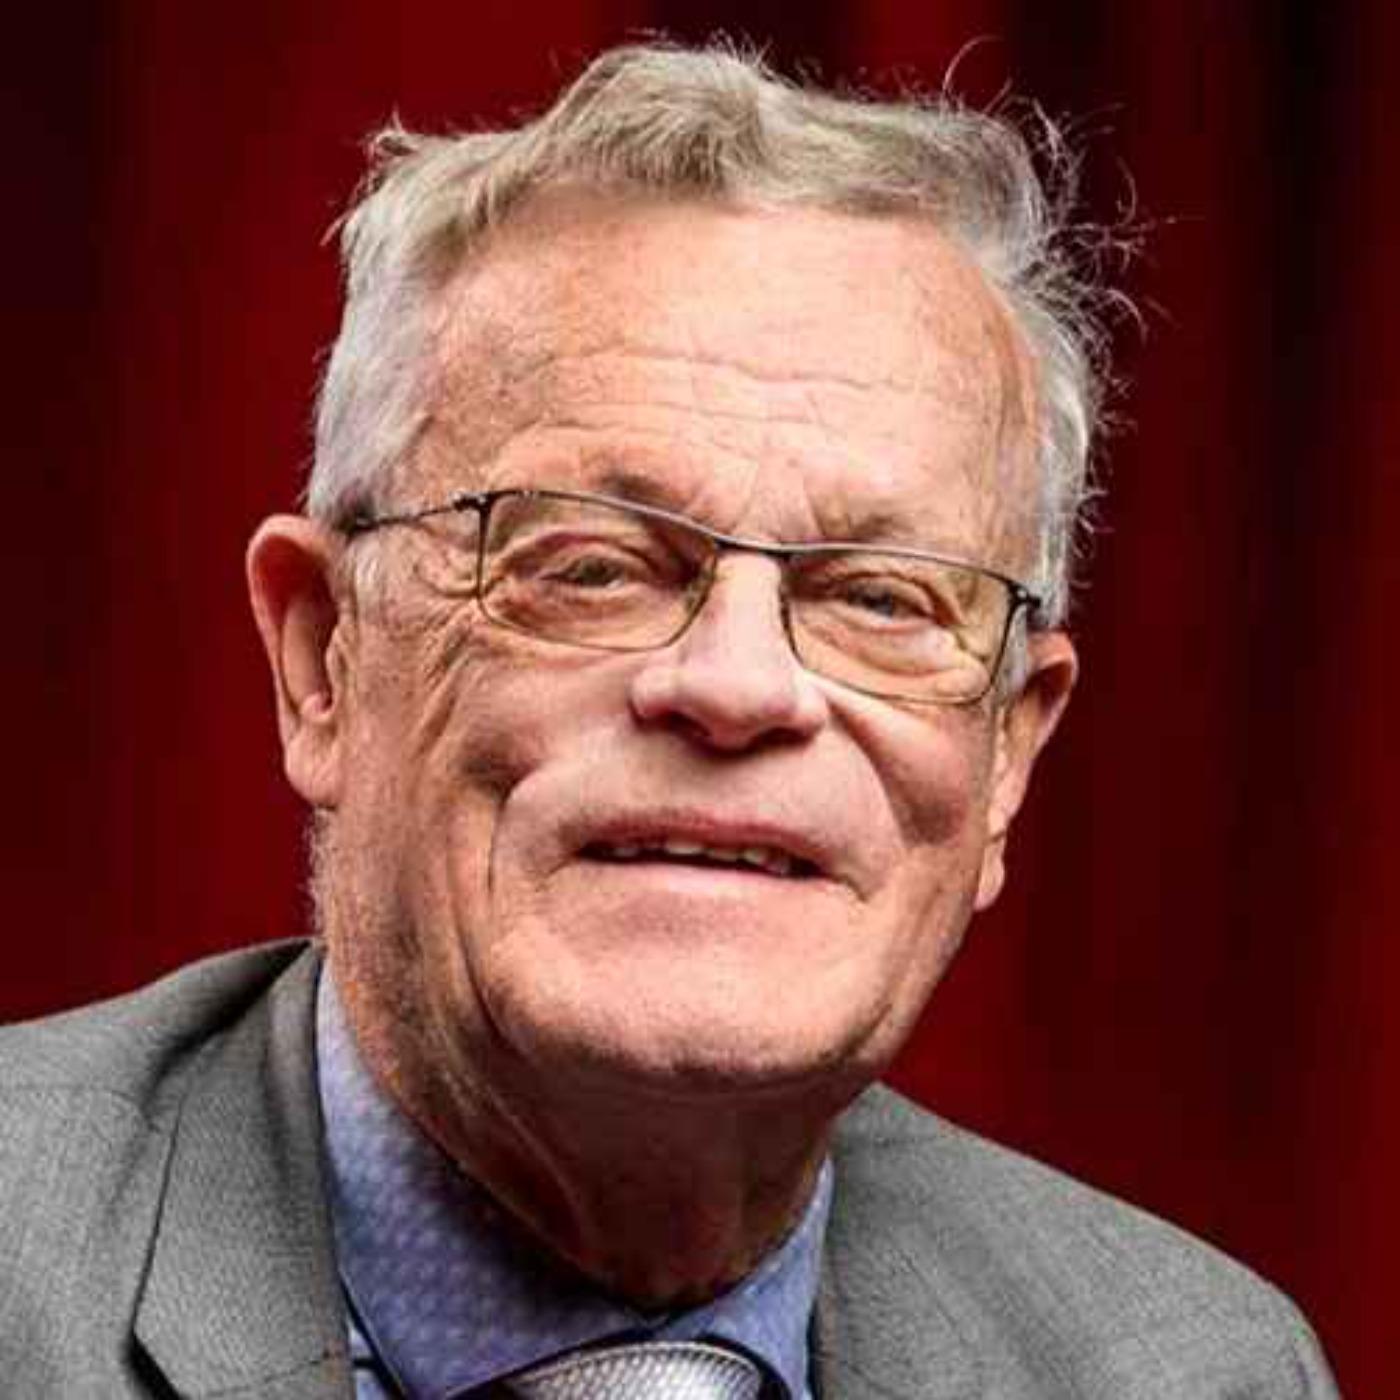 Björn Eriksson - Riksidrottsförbundets ordförande